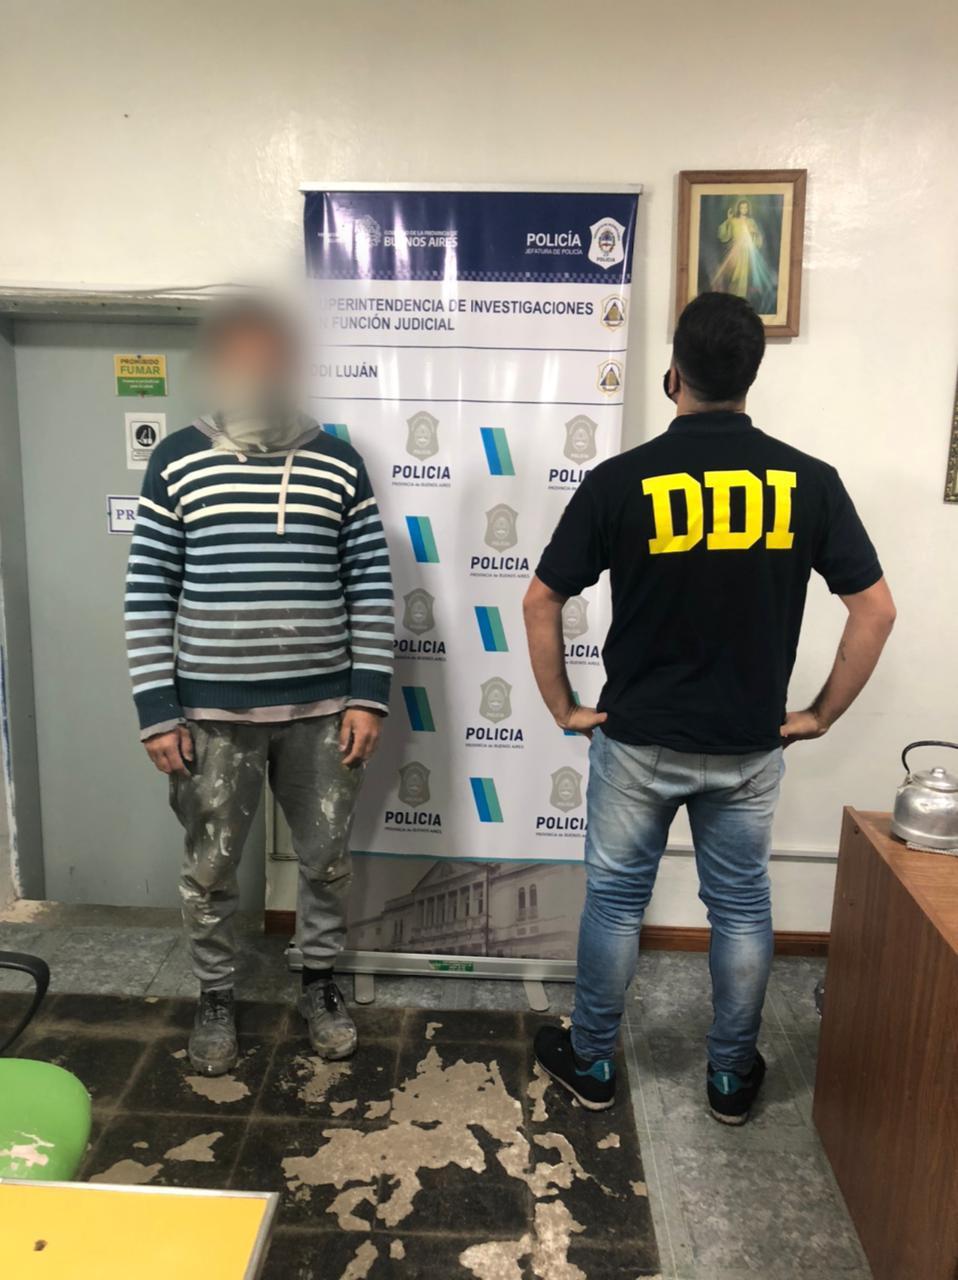 [Policiales] Un detenido por abuso sexual gravemente ultrajante contra una menor